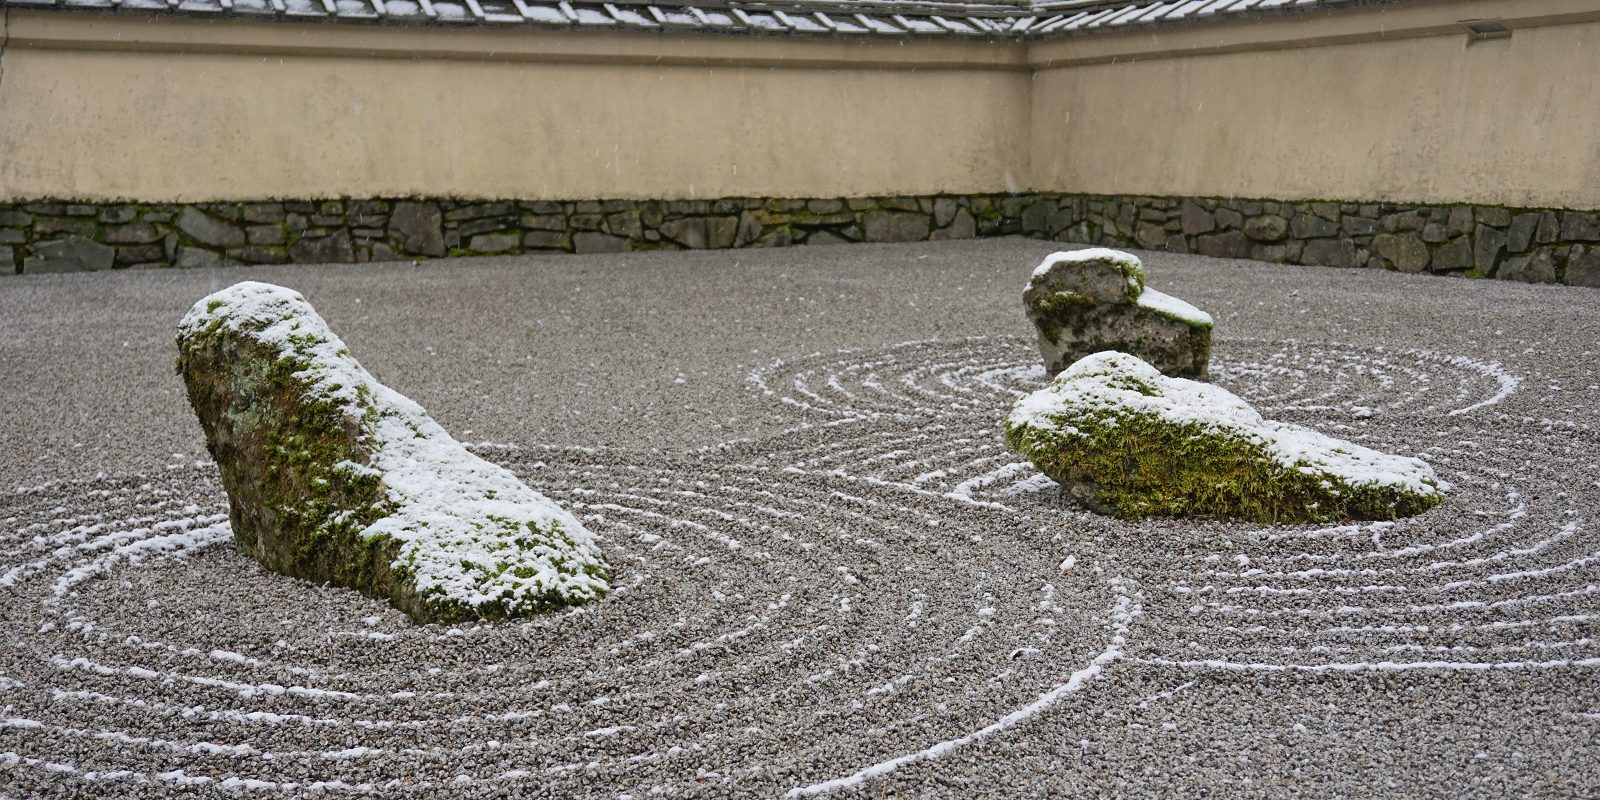 Garden with Snow in Winter. Photos by Tyler Quinn - 2019-02-25 - DSC02293